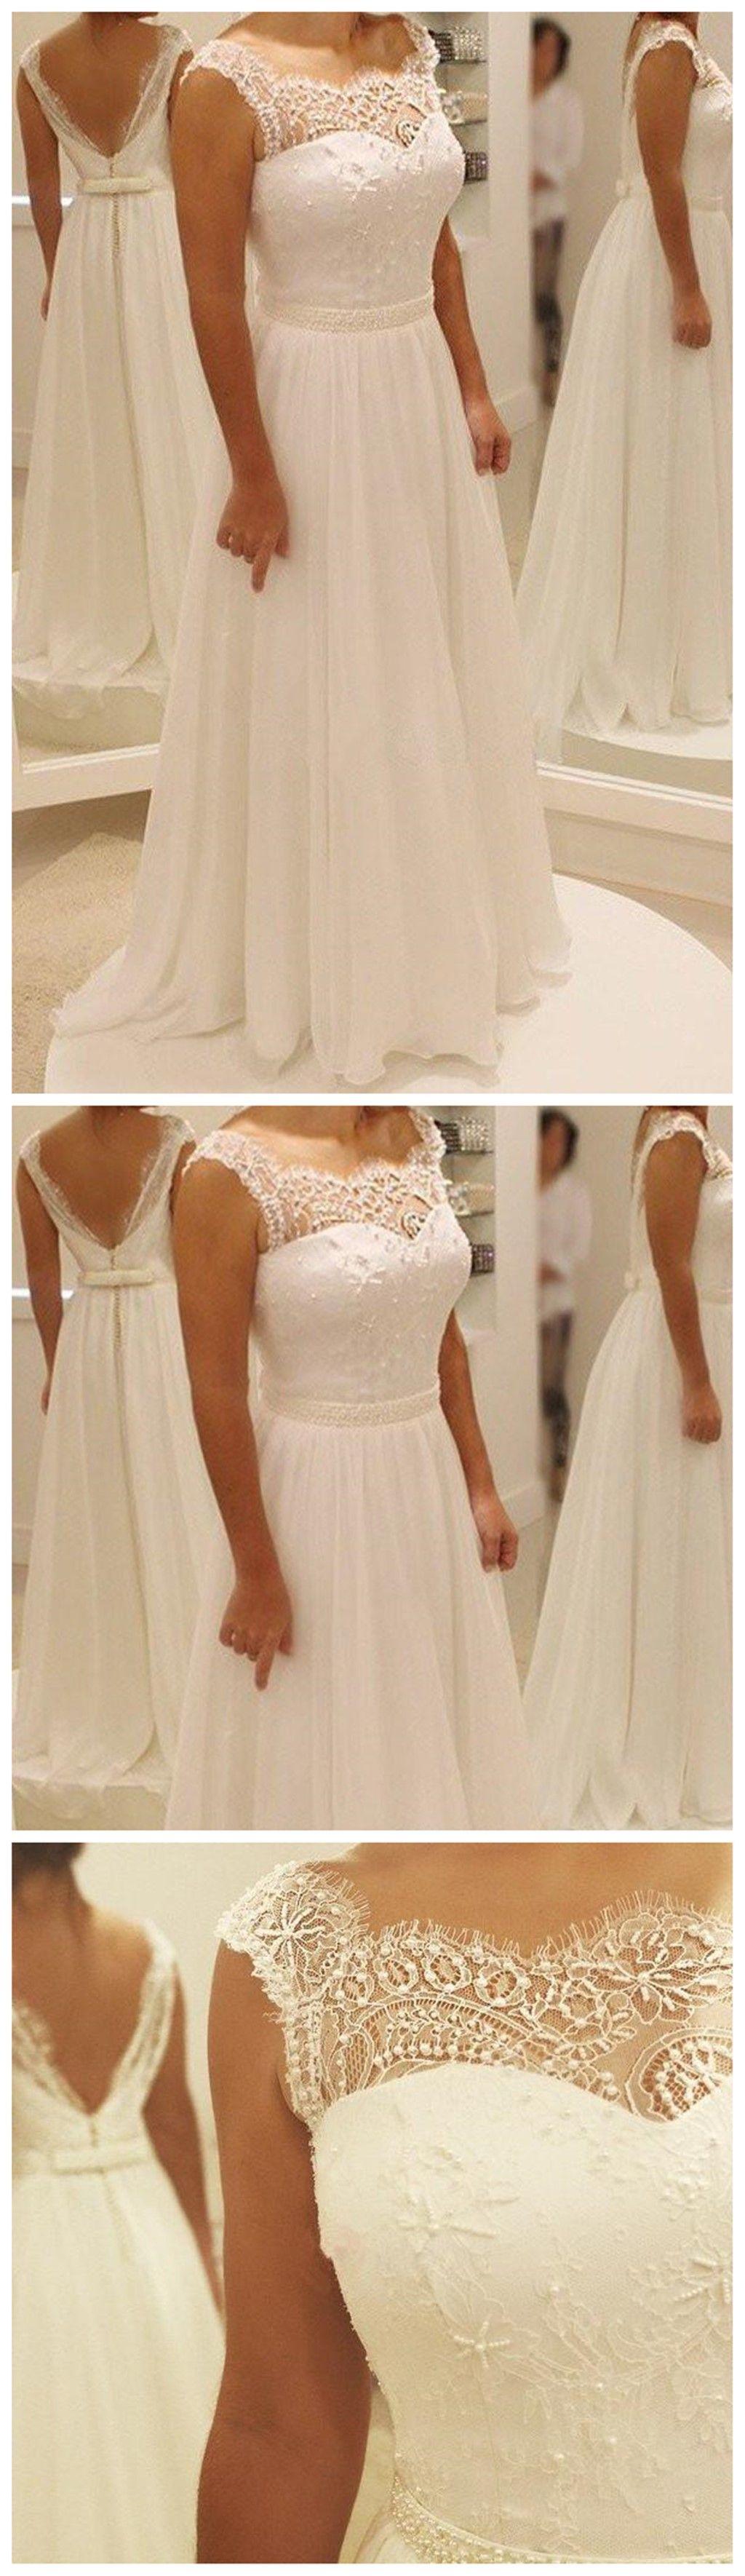 Beach wedding party dresses  Elegant Sheath Lace Beach Wedding Party Dresses Popular Bridal Gown